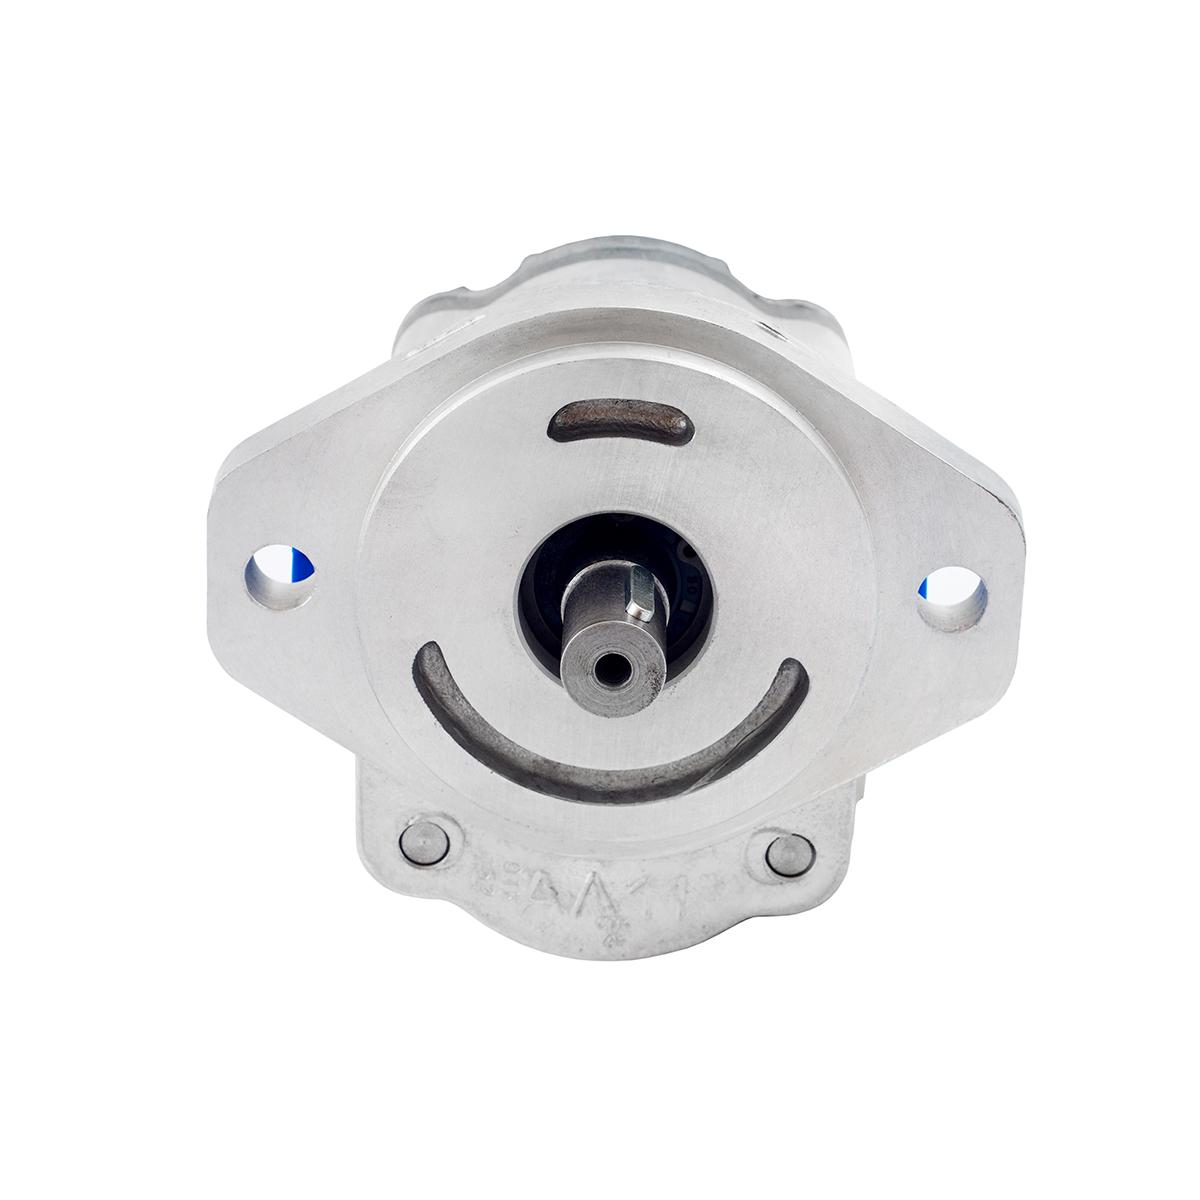 0.38 CID hydraulic gear pump, 3/4 keyed shaft counter-clockwise gear pump | Magister Hydraulics